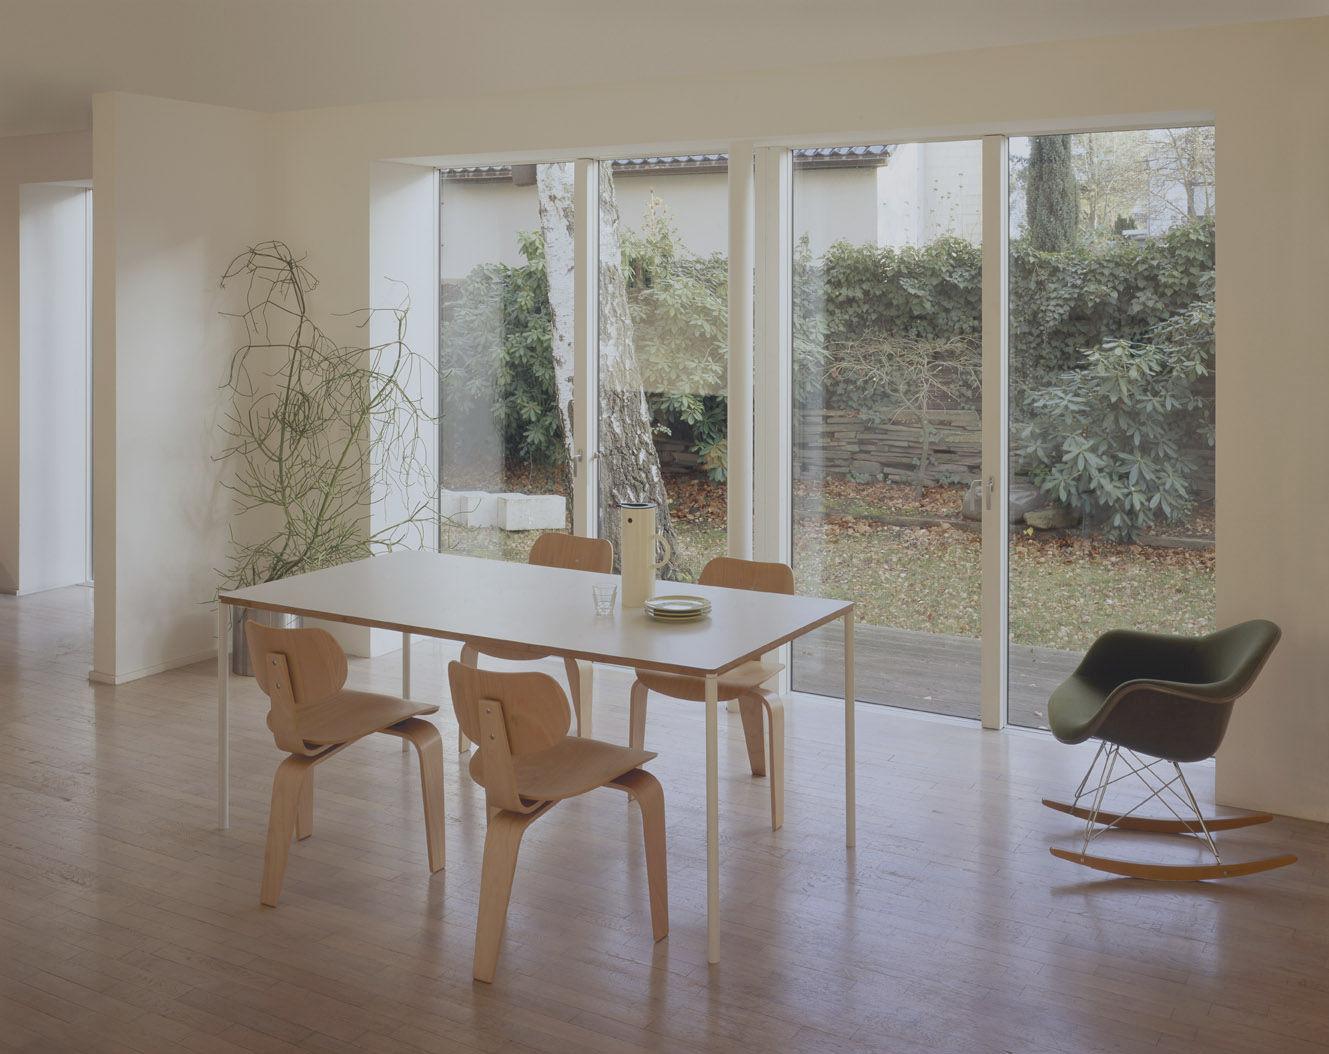 Moderner Besucherstuhl Holz Se 42 By Egon Eiermann Wildespieth